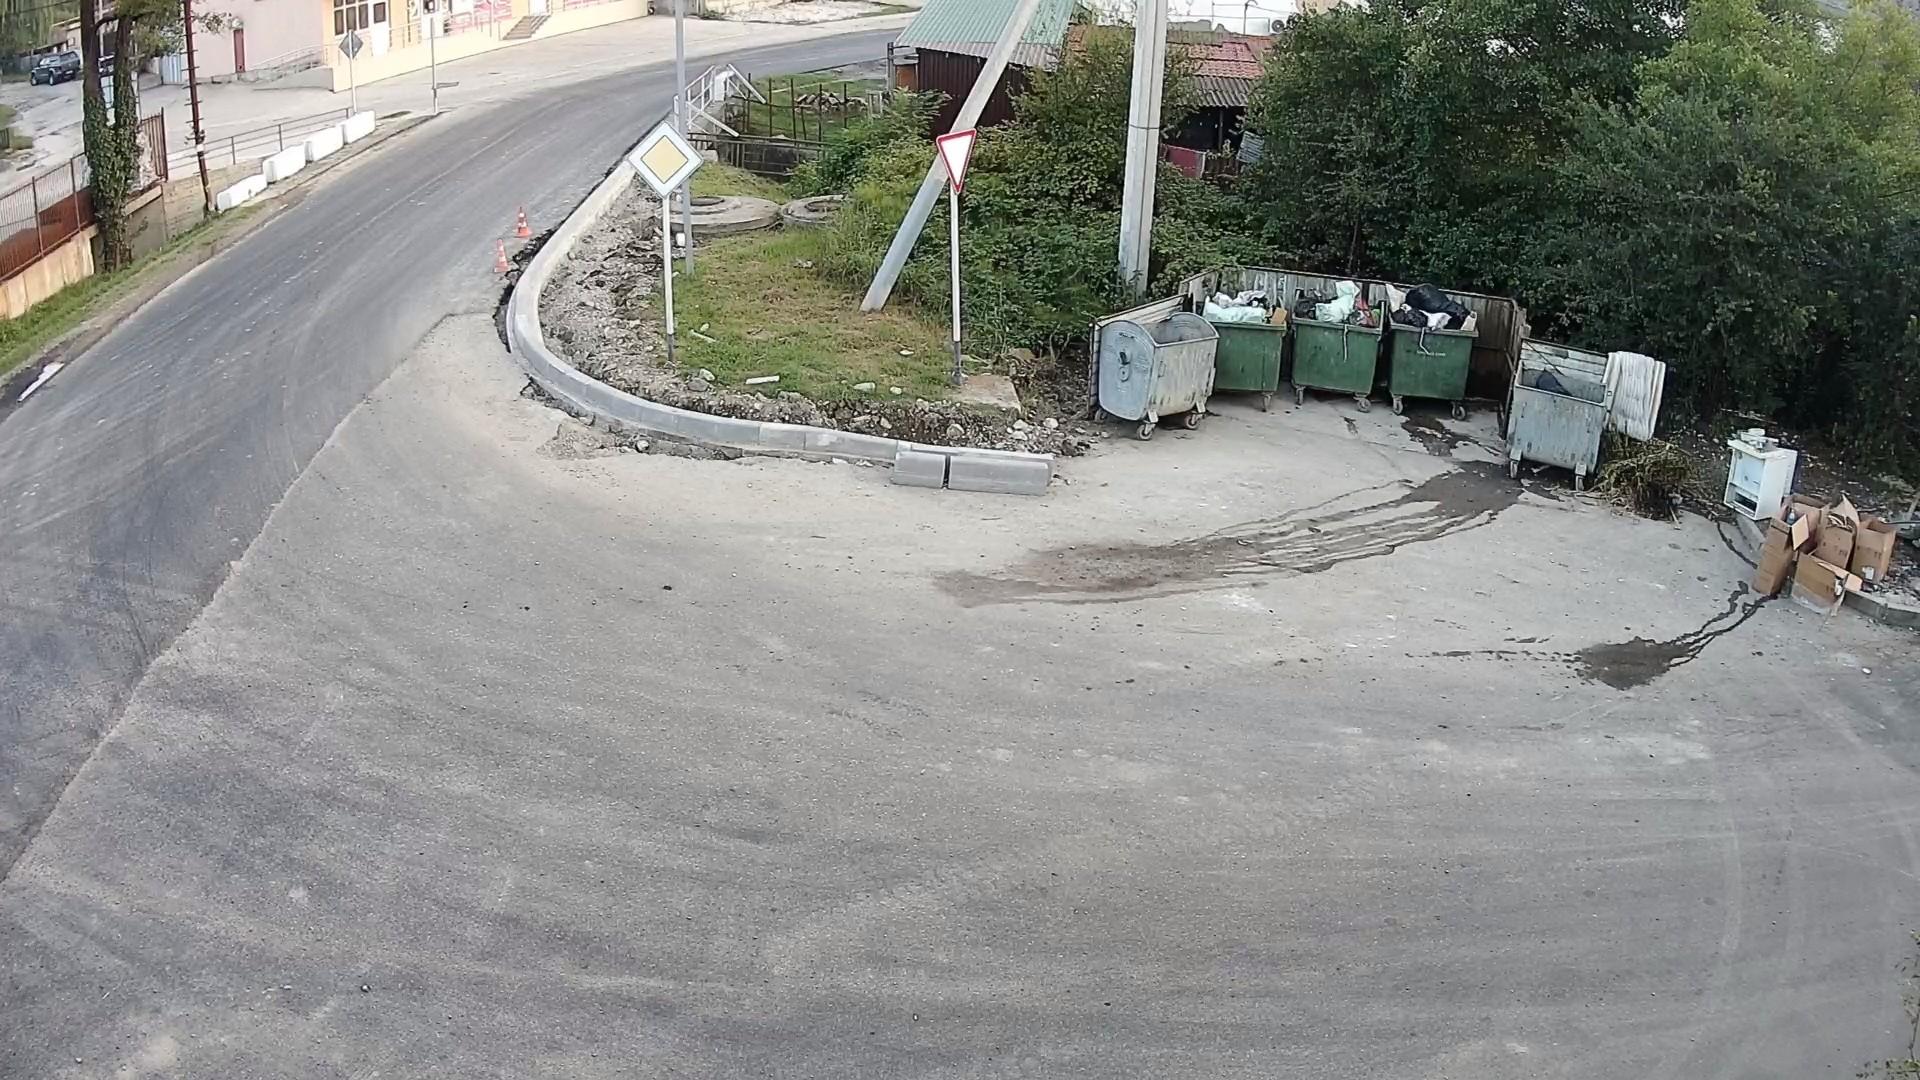 Вебкамера в пос. Дагомыс, Барановское шоссе, «Питомник» камера 3